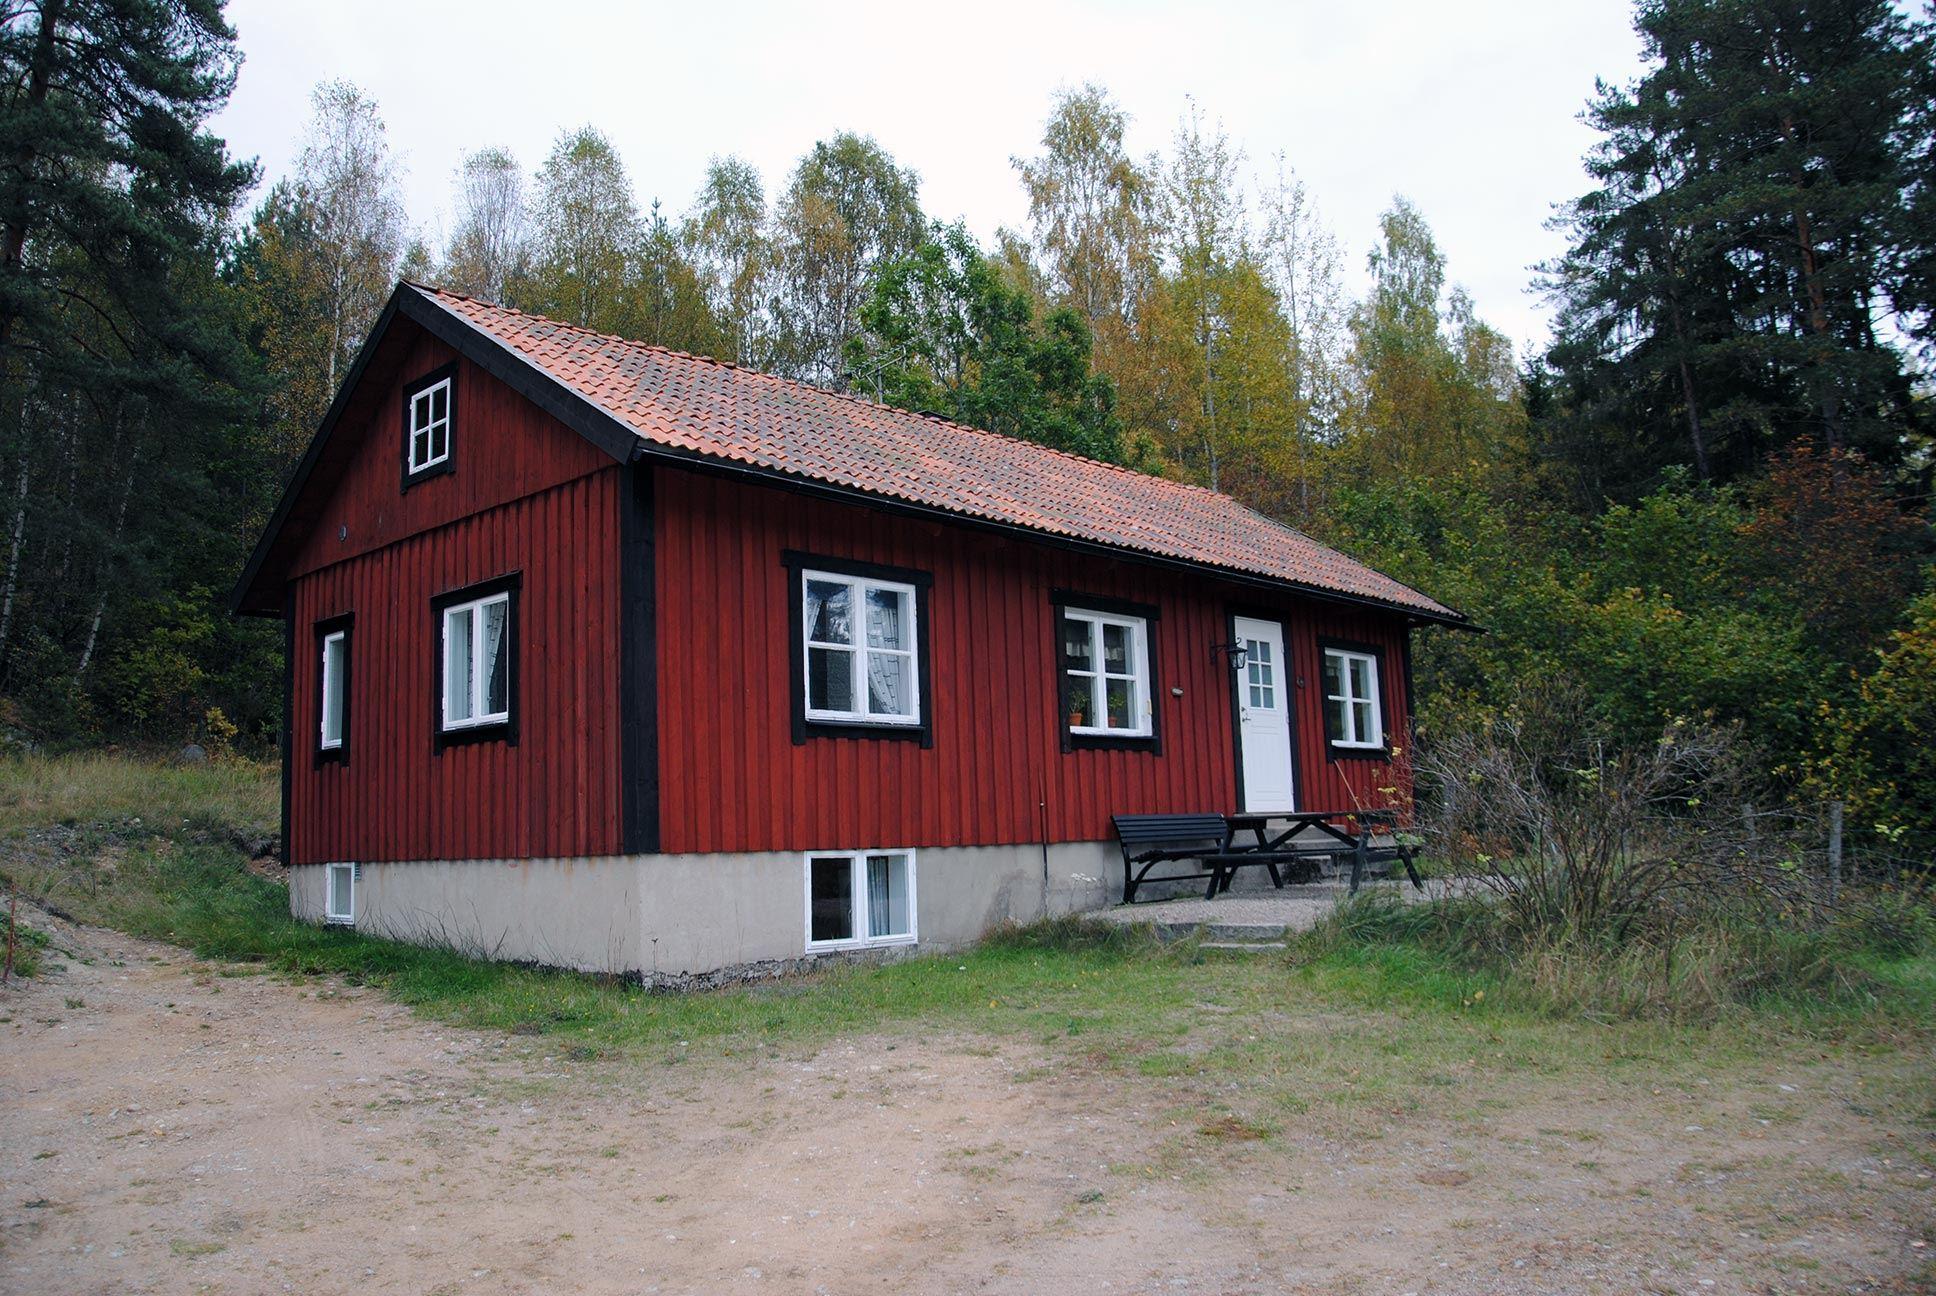 07-114, Bärsjöholm